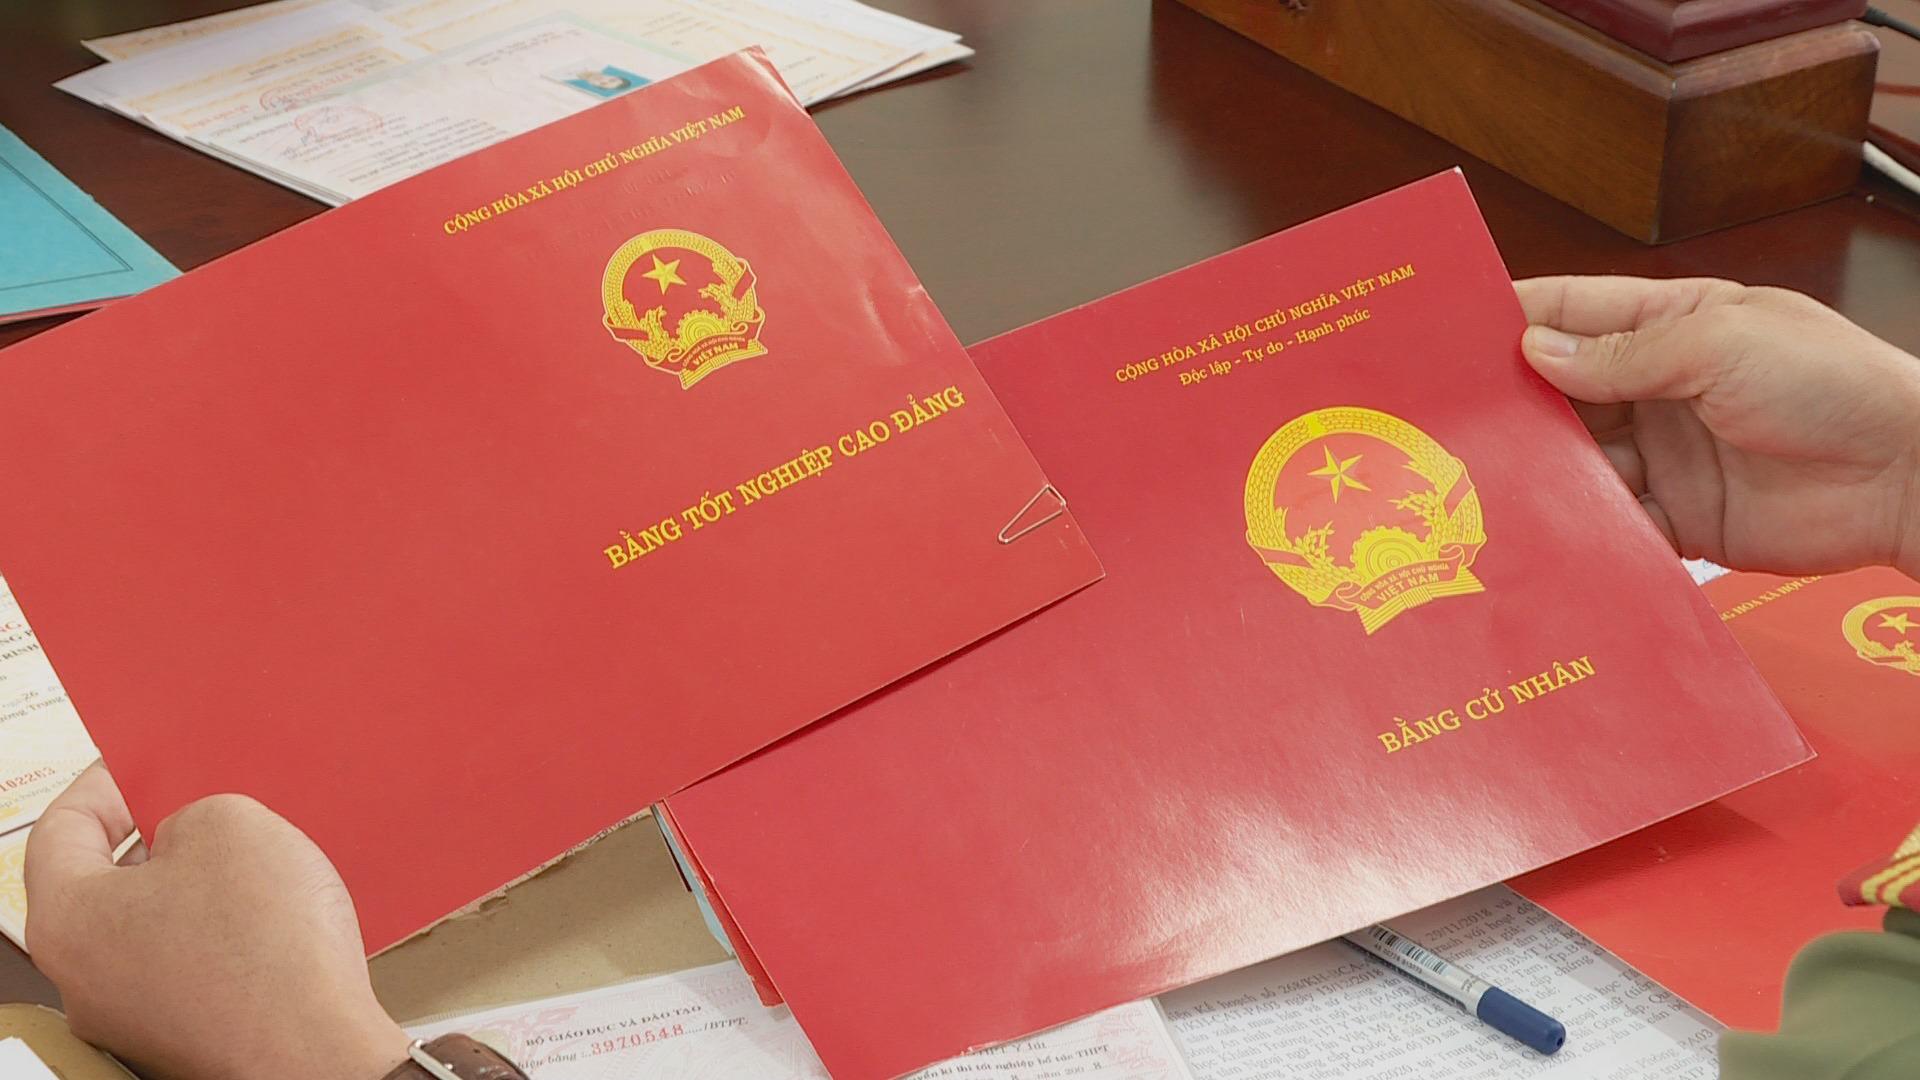 Cơ quan chức năng tỉnh Đắk Lắk vừa phát hiện 20 trường hợp sử dụng bằng giả, bằng không hợp lệ